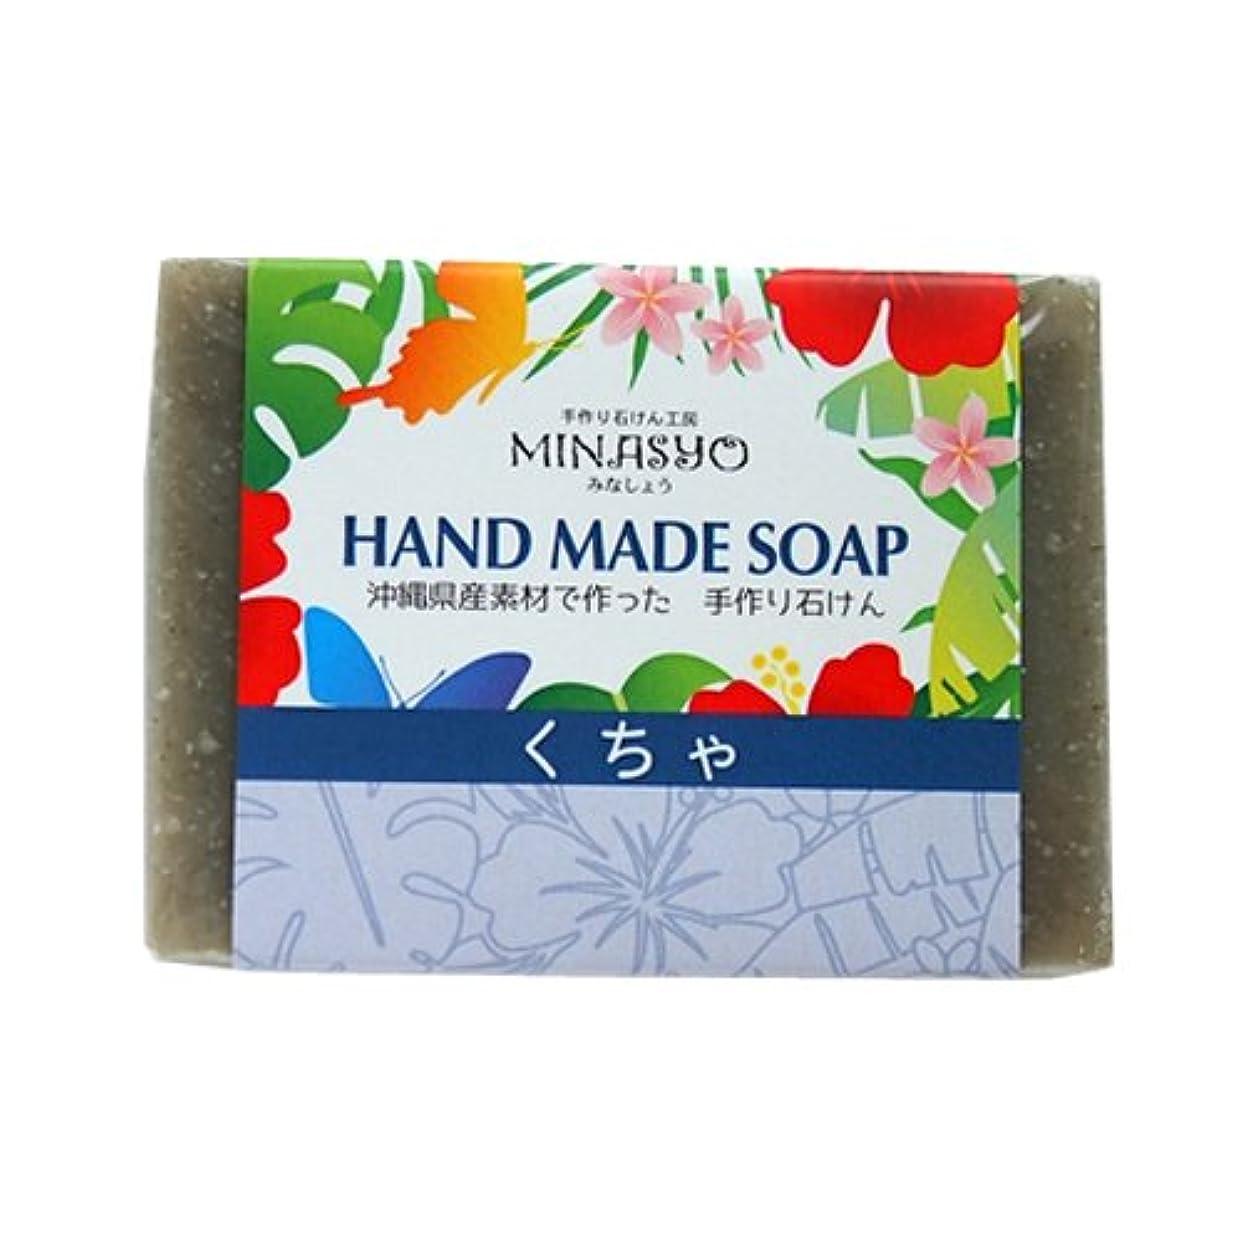 カーペットビリーヤギマキシム洗顔石鹸 毛穴ケア メンズ 無添加 固形 くちゃパック 手作りくちゃ石鹸